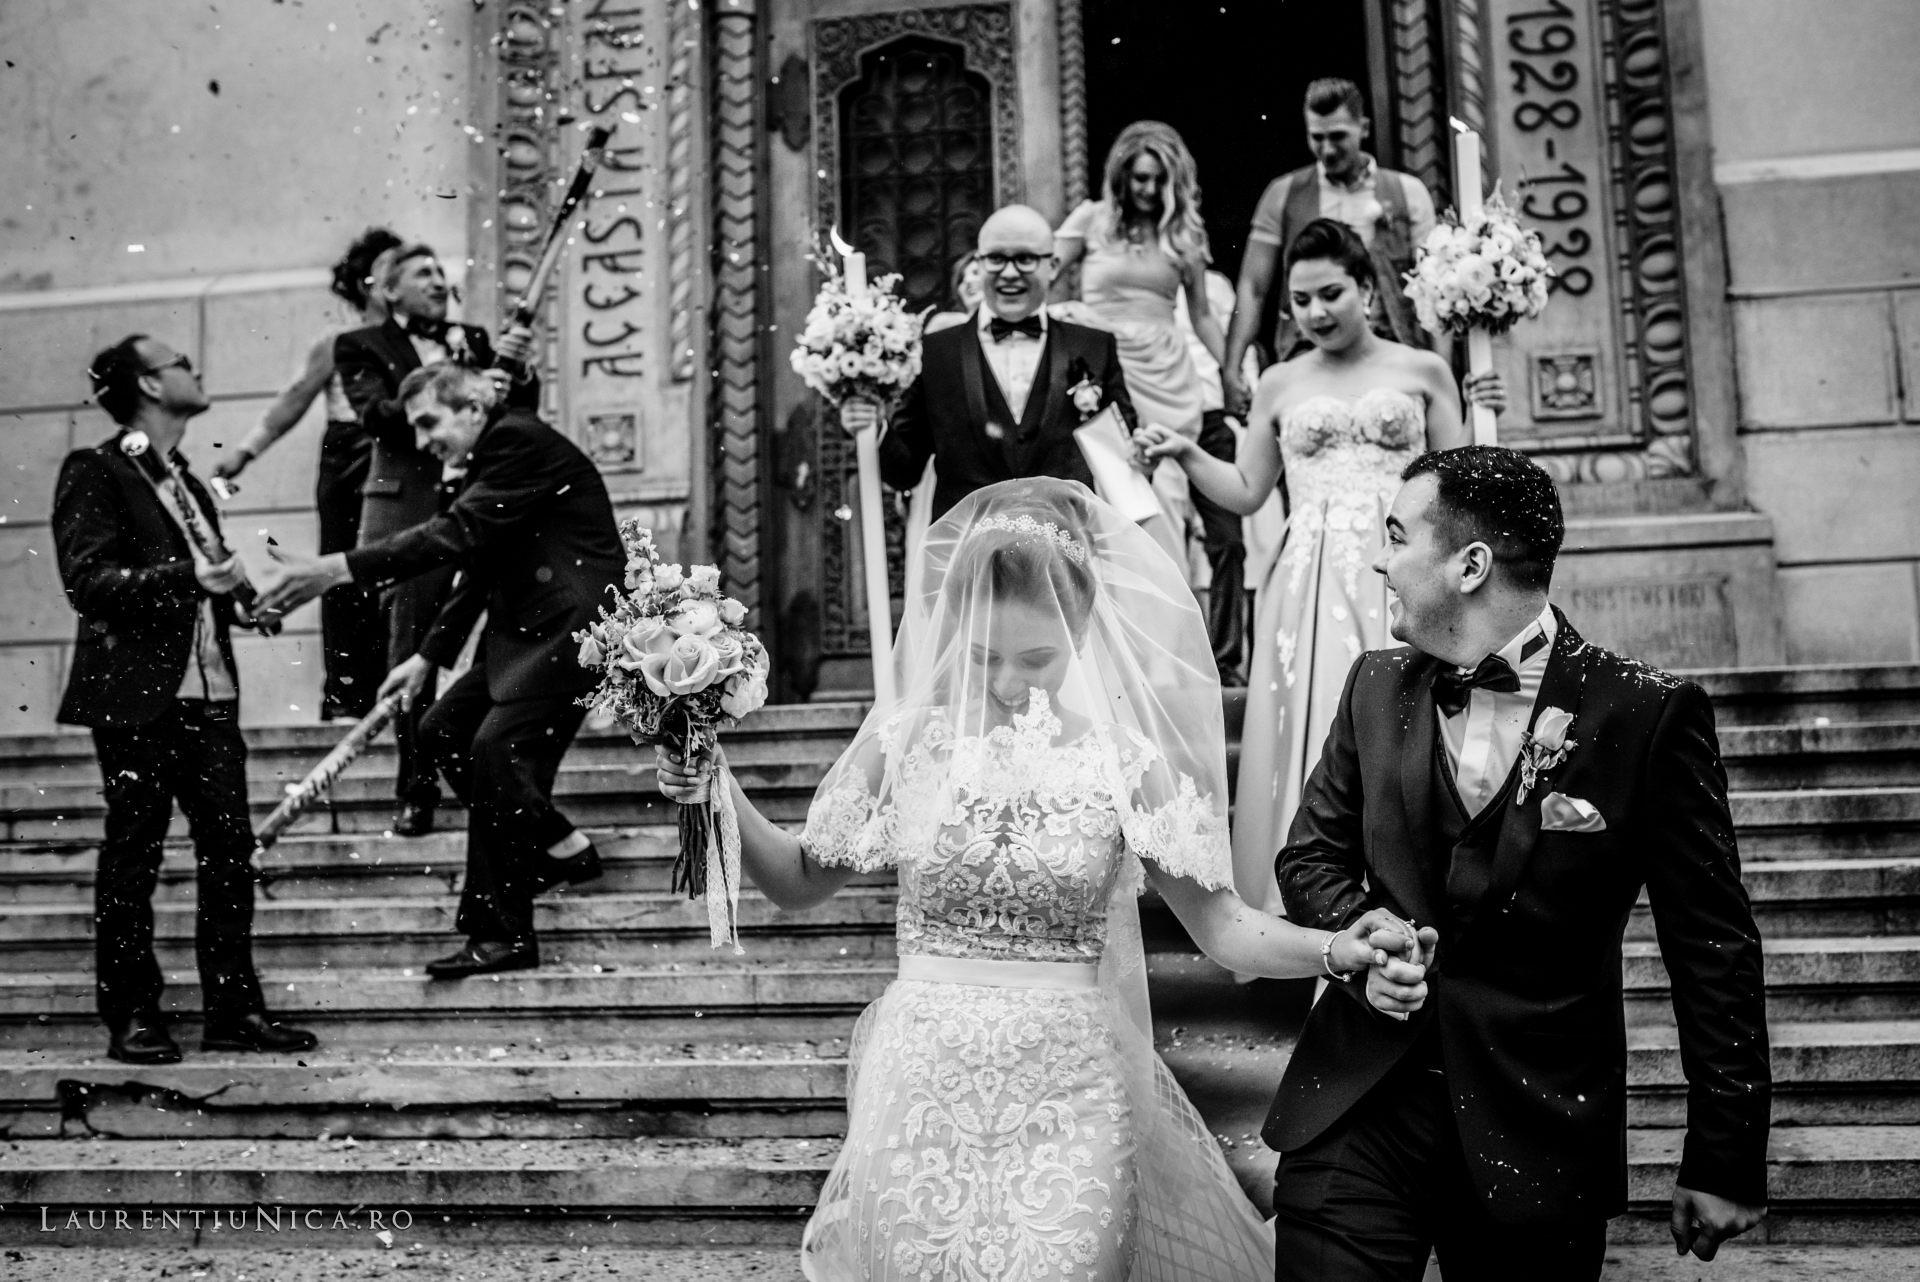 denisa si catalin fotograf nunta laurentiu nica craiova 56 - Denisa si Catalin | Fotografii nunta | Craiova